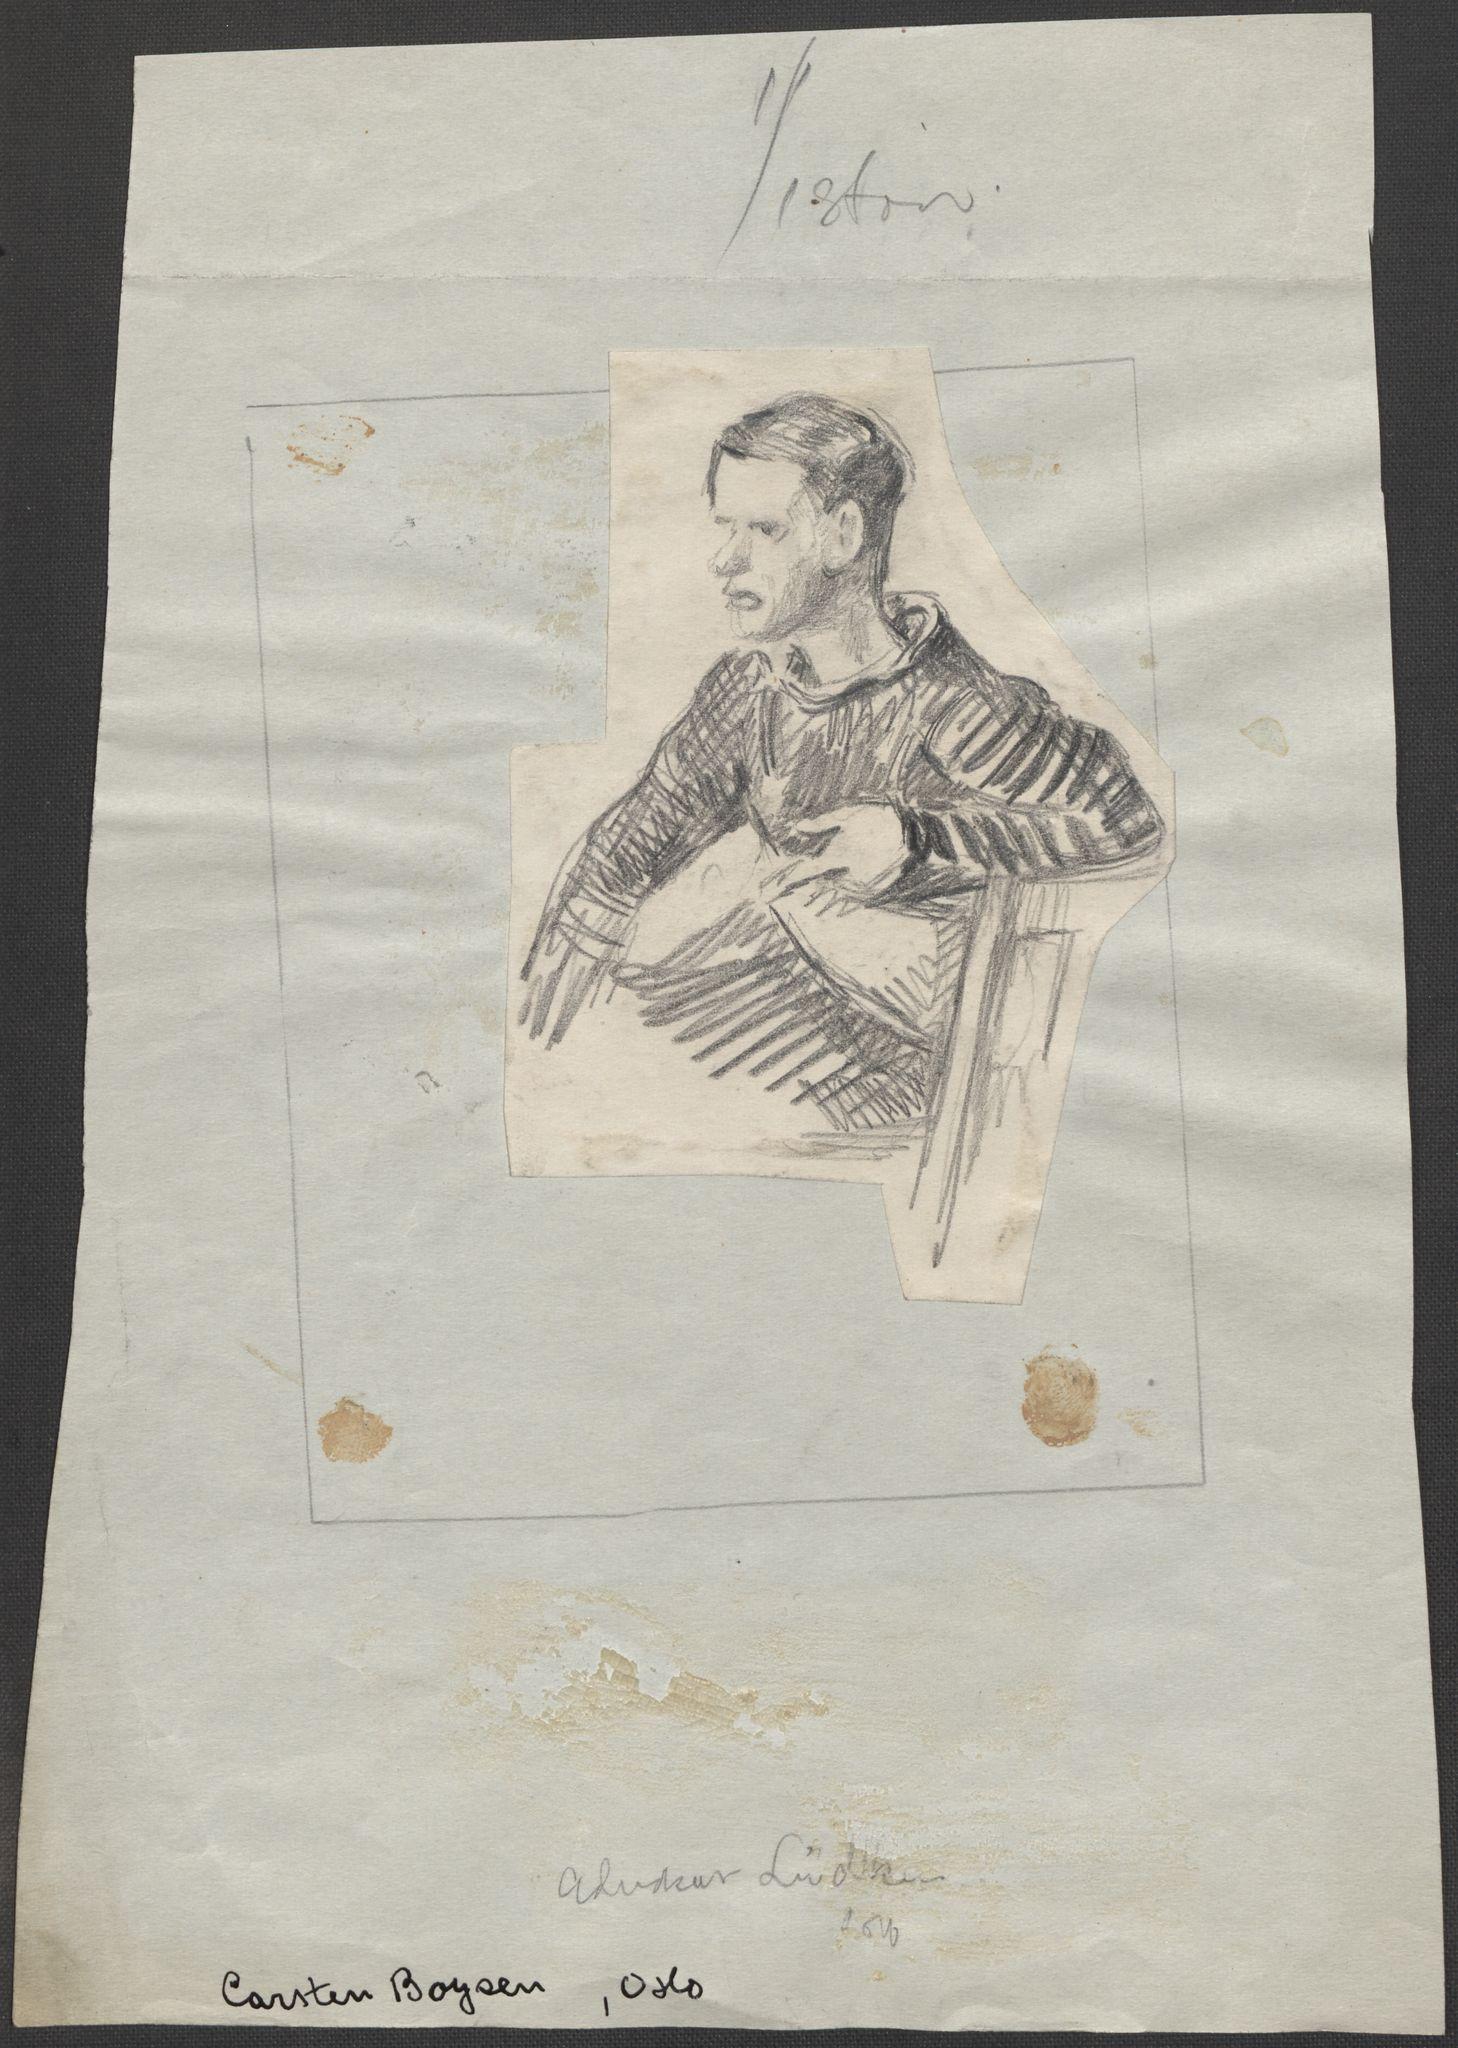 RA, Grøgaard, Joachim, F/L0002: Tegninger og tekster, 1942-1945, s. 93